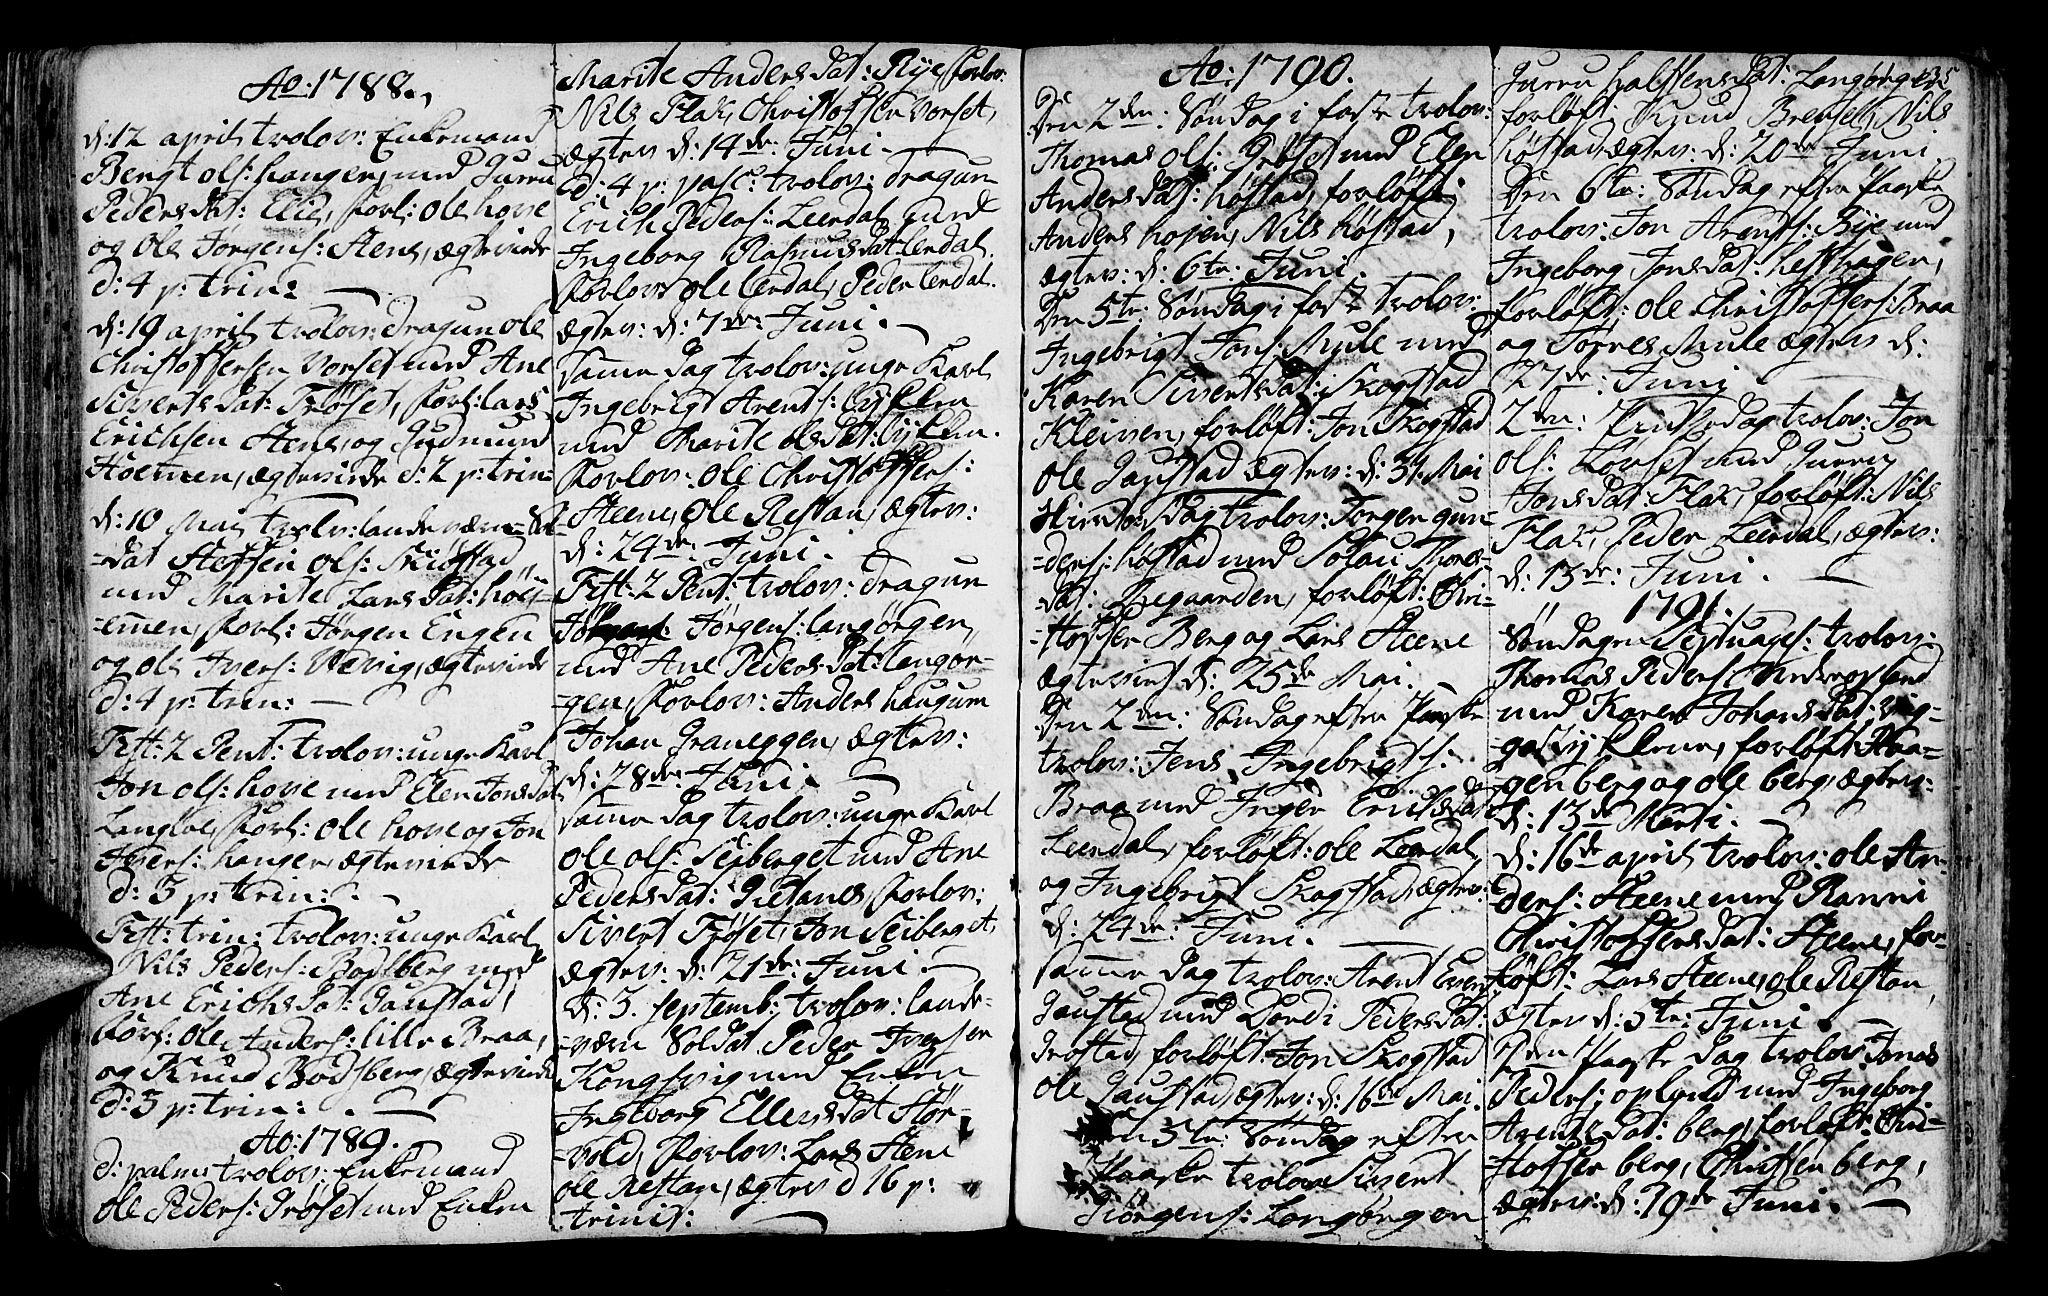 SAT, Ministerialprotokoller, klokkerbøker og fødselsregistre - Sør-Trøndelag, 612/L0370: Ministerialbok nr. 612A04, 1754-1802, s. 135